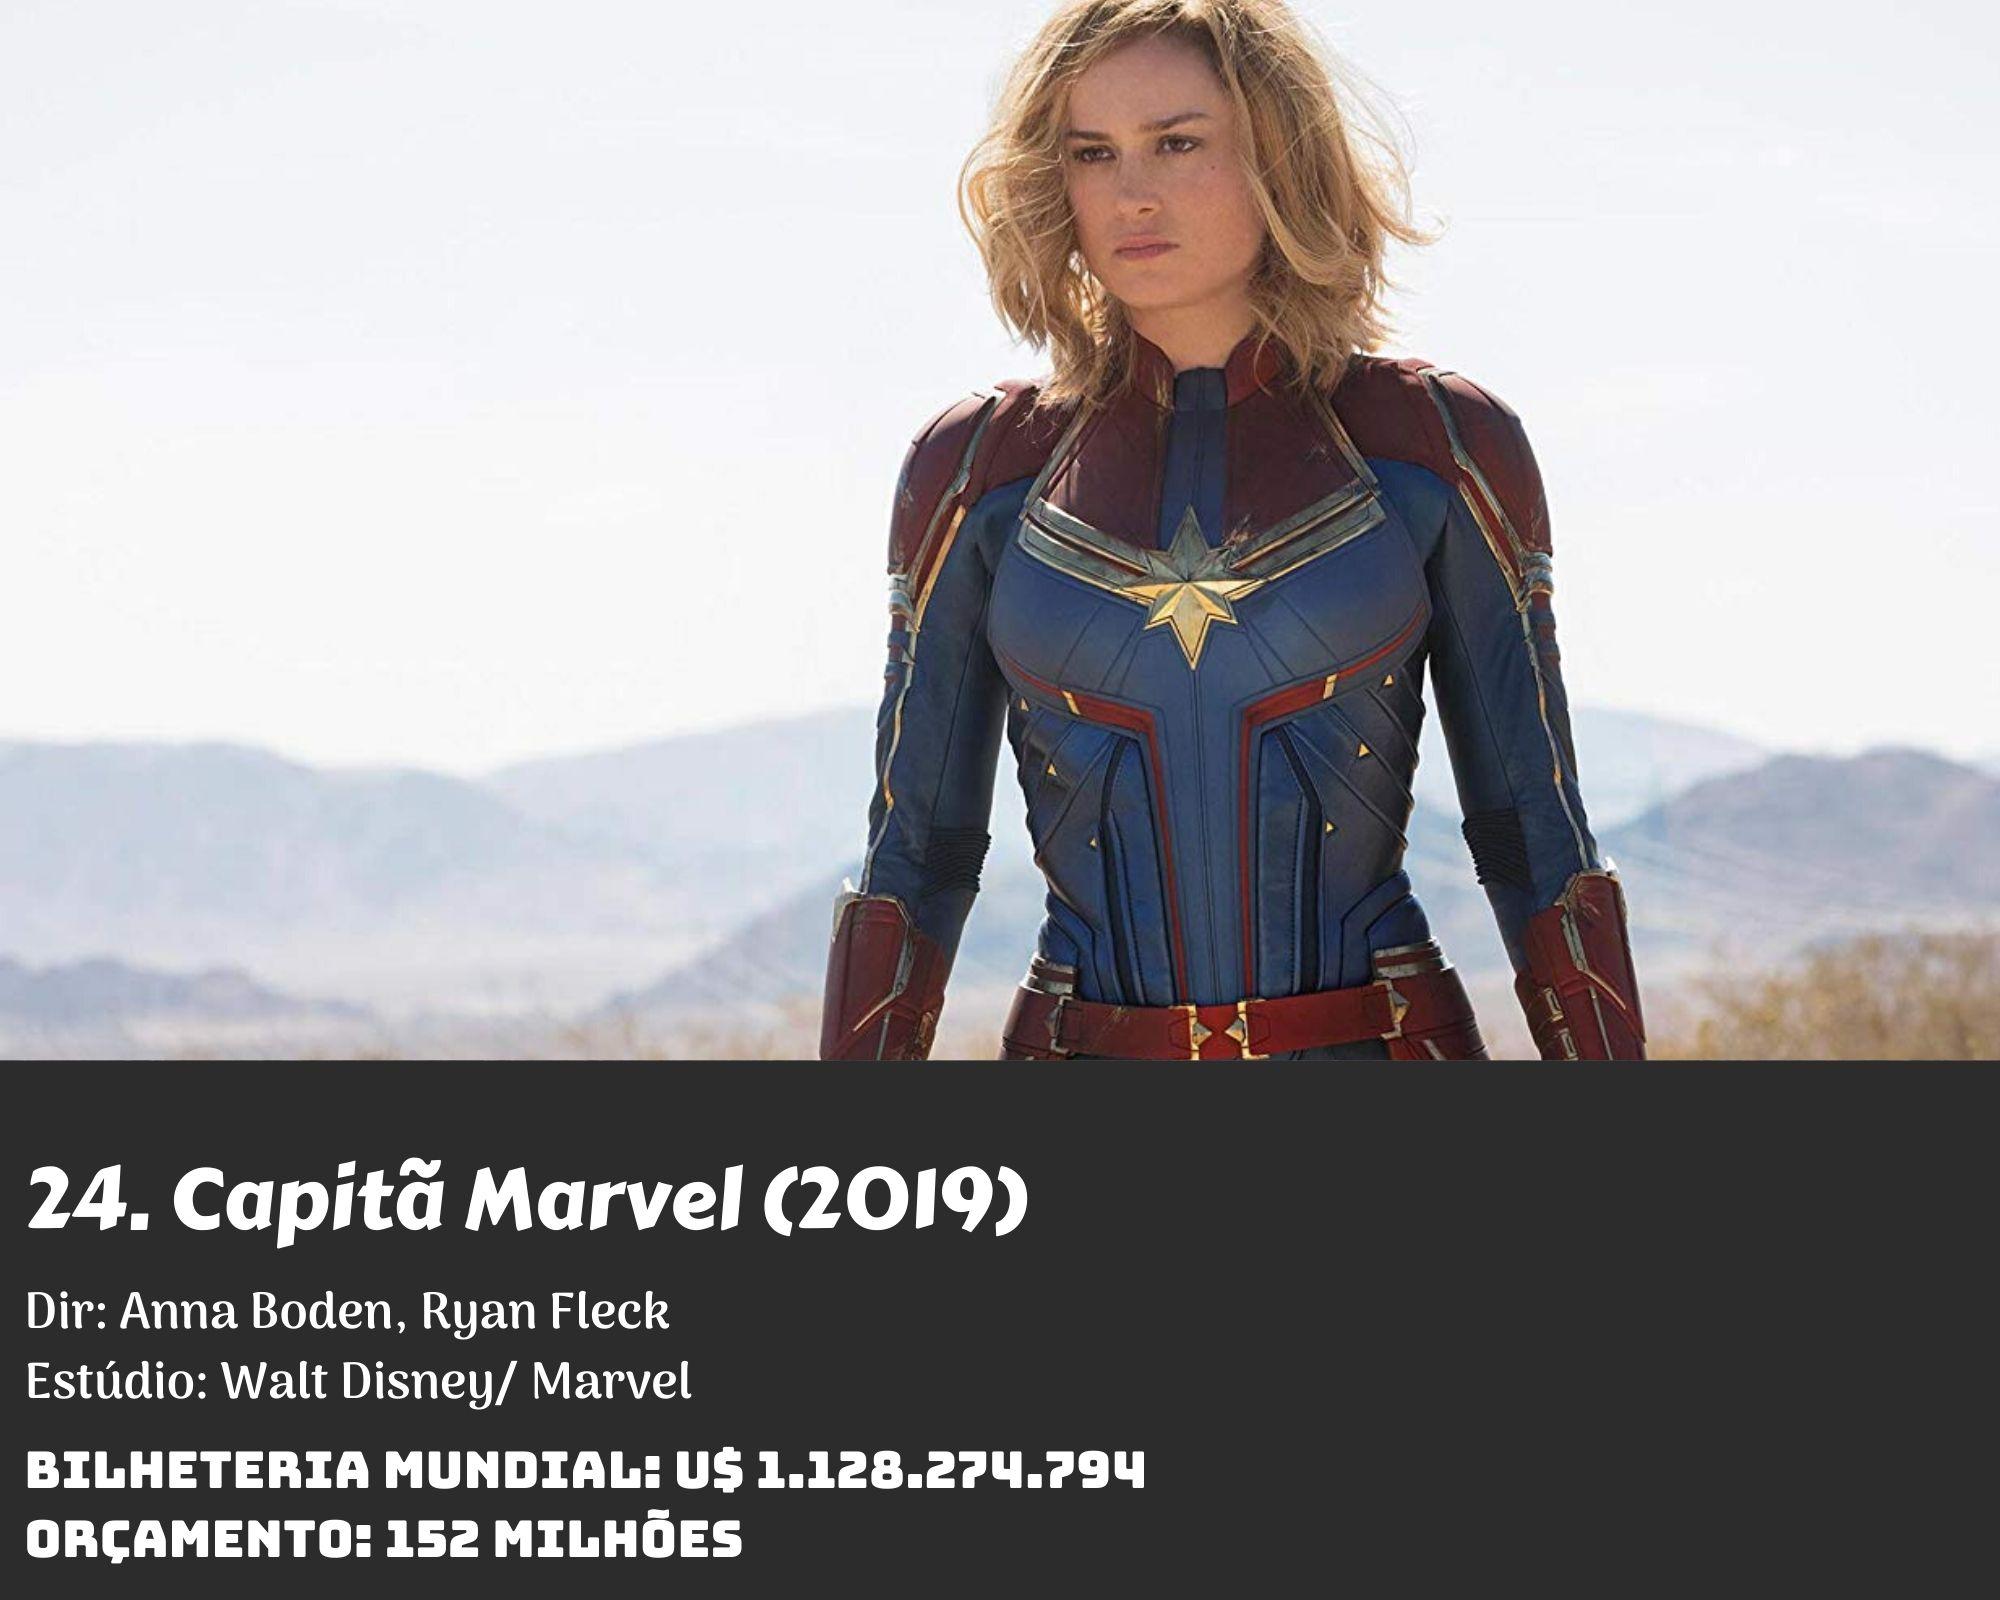 24. Captain Marvel